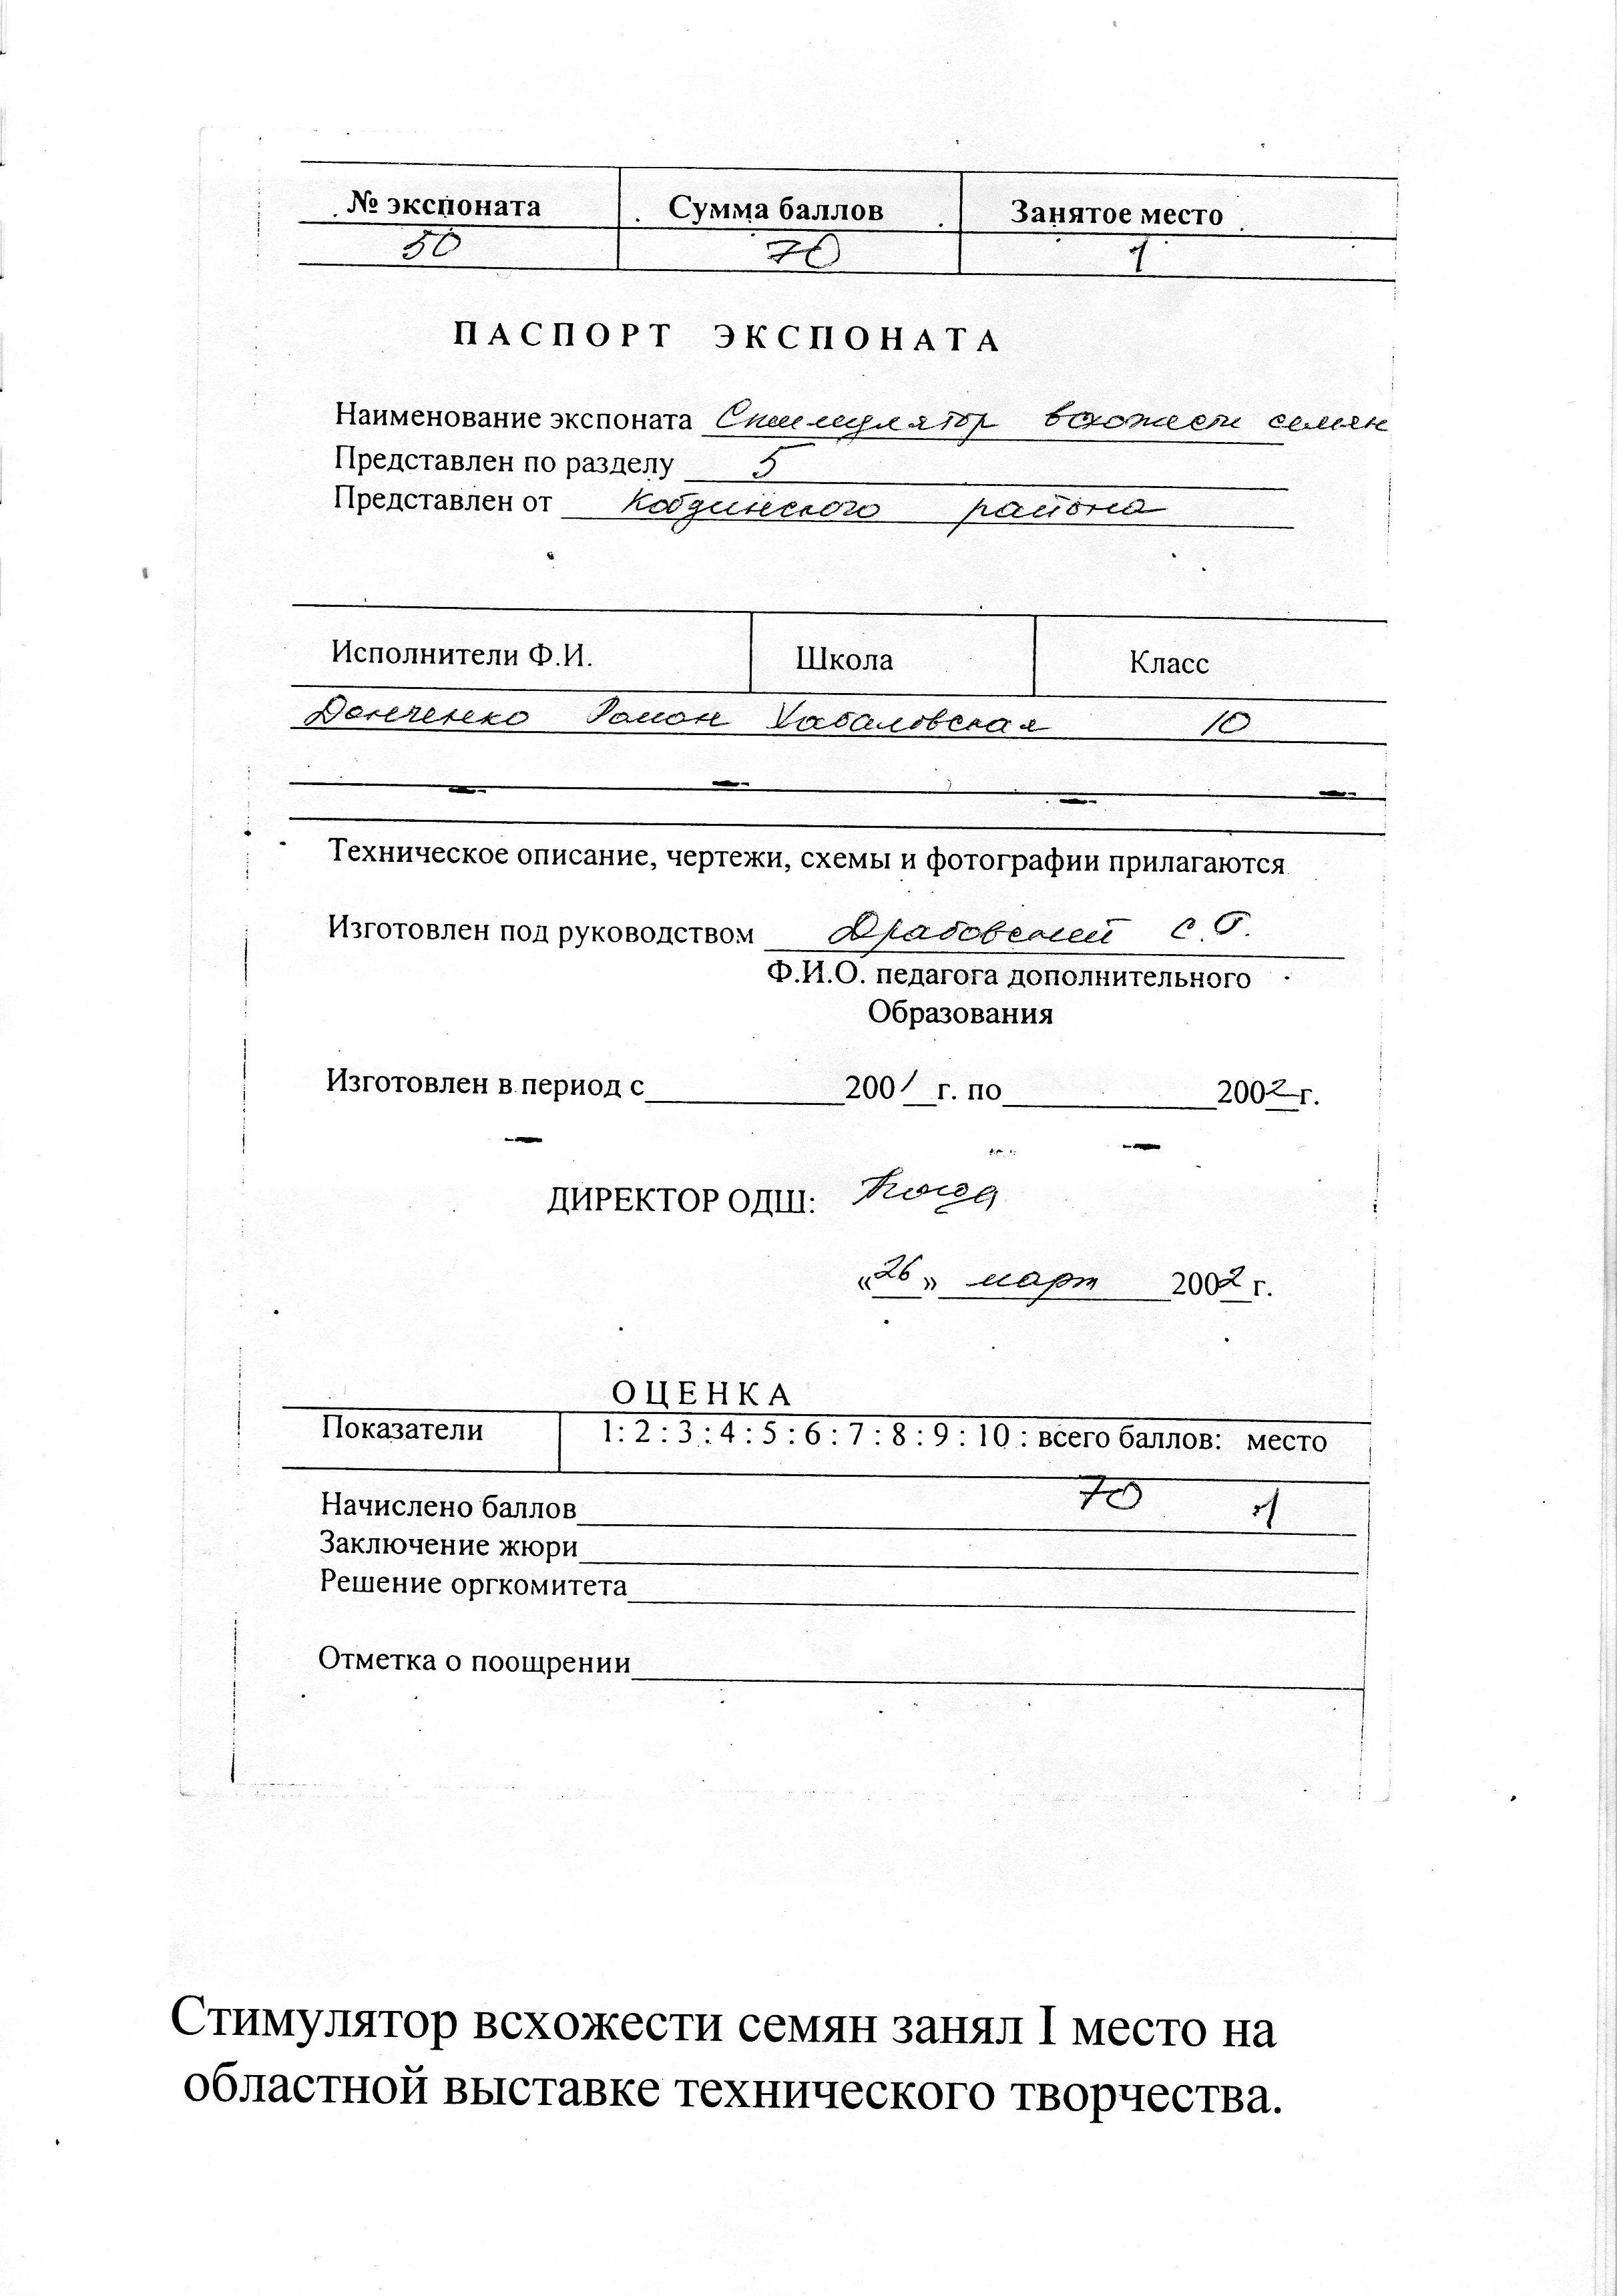 D:\Documents and Settings\СЕРГЕЙ\Мои документы\Мои рисунки\img722.jpg